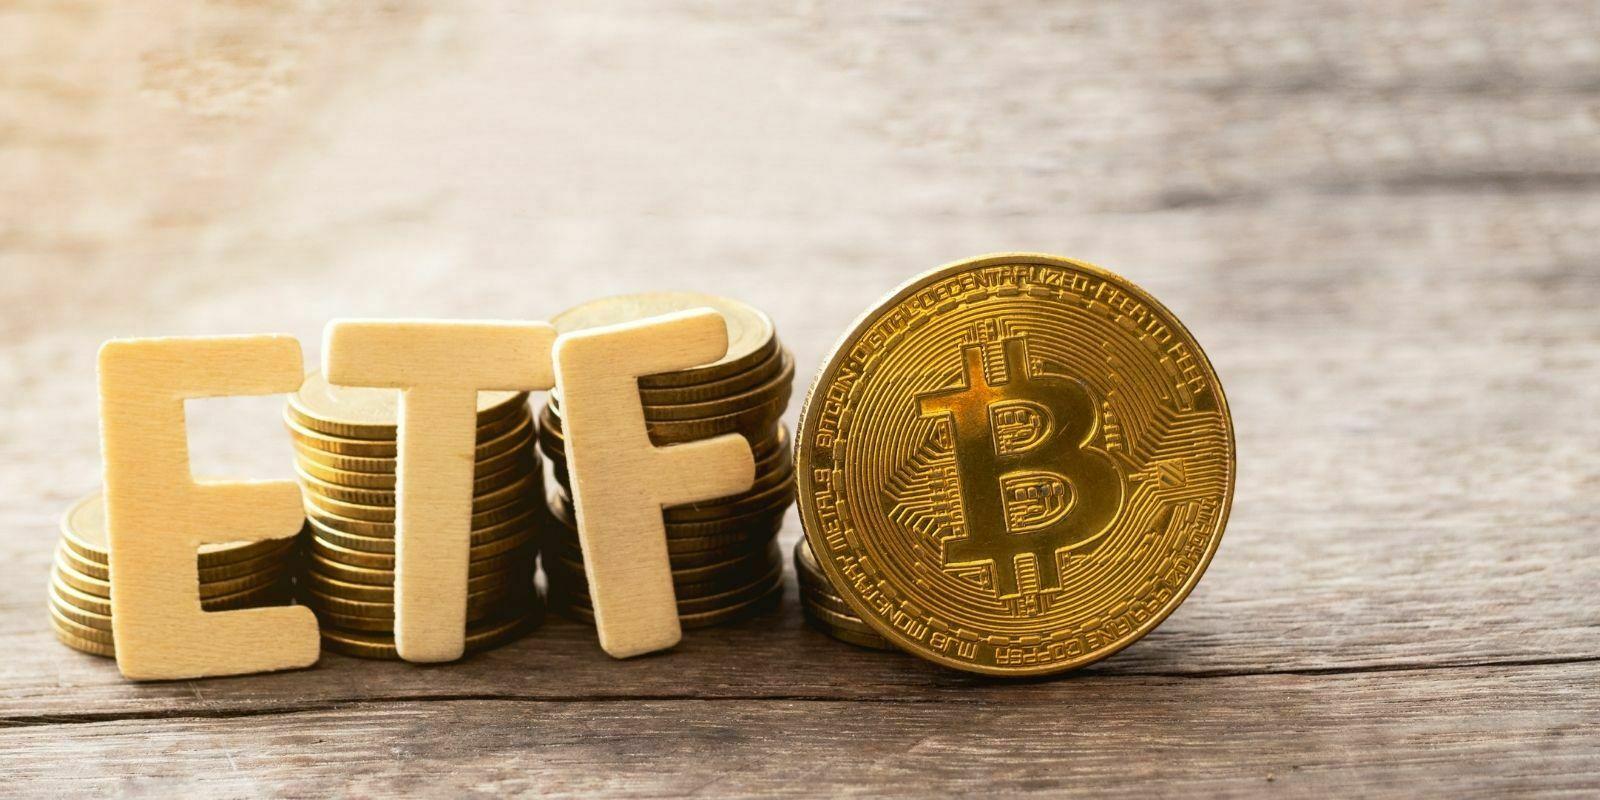 Le fonds Hashdex s'associe au Nasdaq pour lancer le premier ETF Bitcoin